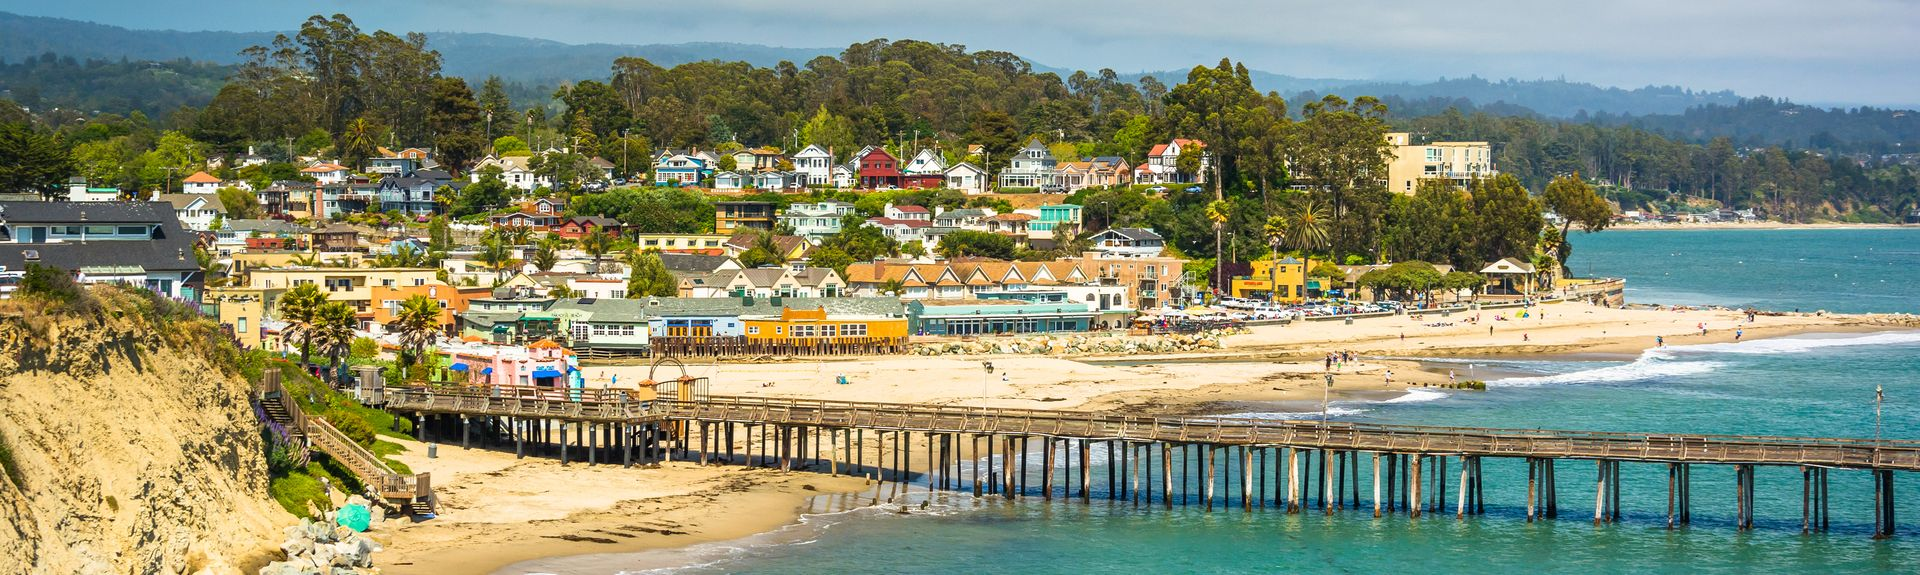 Santa Cruz, Kalifornien, Vereinigte Staaten